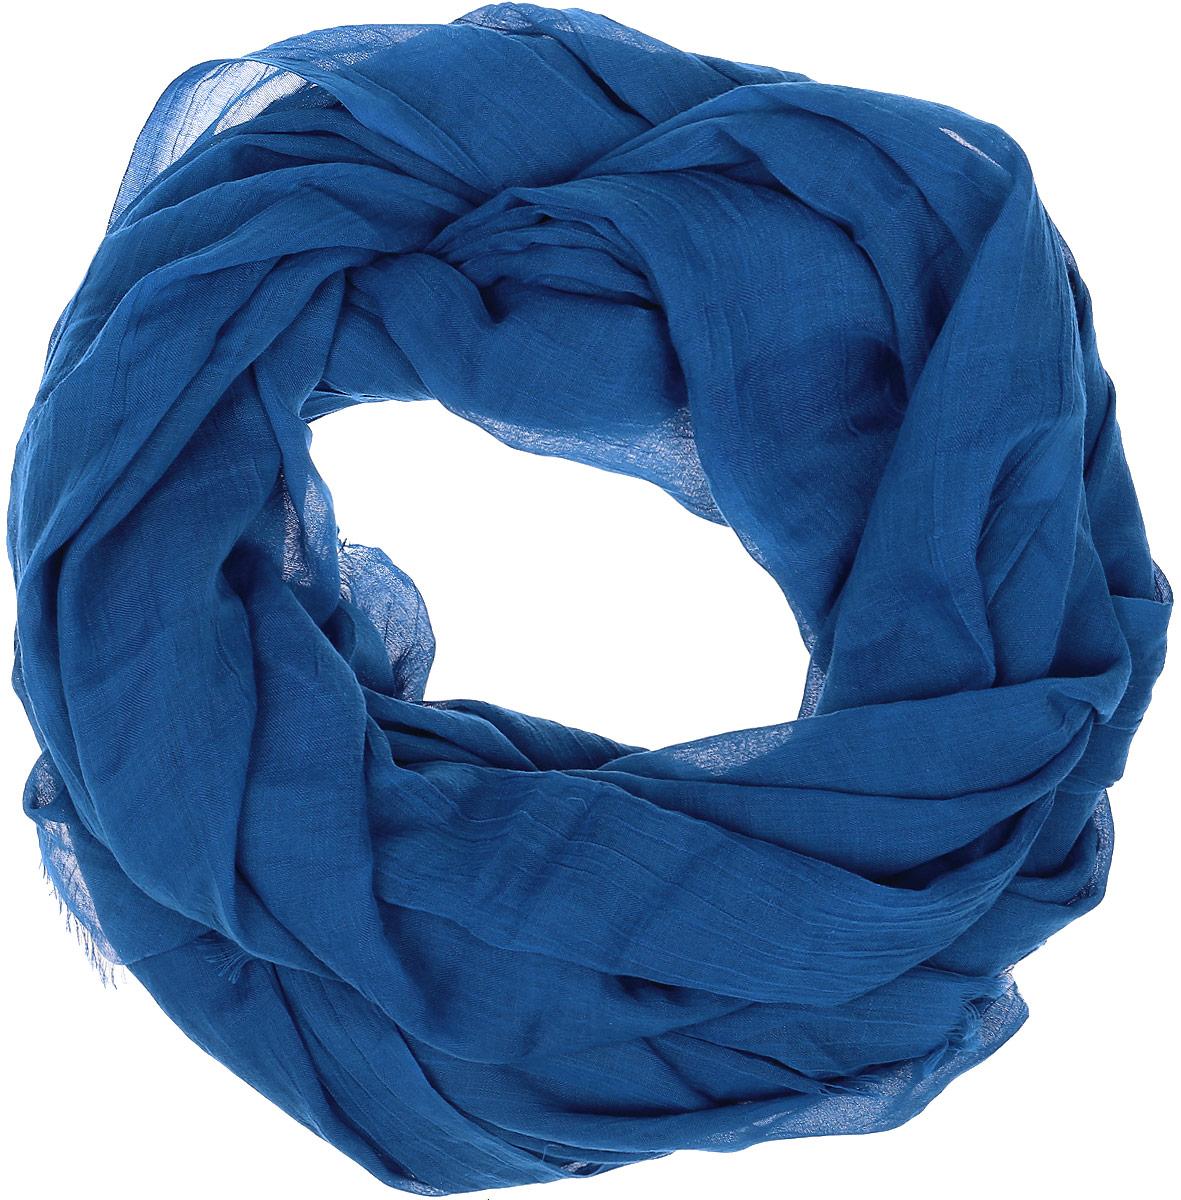 Палантин Vita Pelle, цвет: синий. Ro02PC3668/3. Размер 90 см х 180 смRo02PC3668/3Однотонный палантин от Vita Pelle изготовлен из вискозы и полиэстера. Кромка модели оформлена осыпкой.